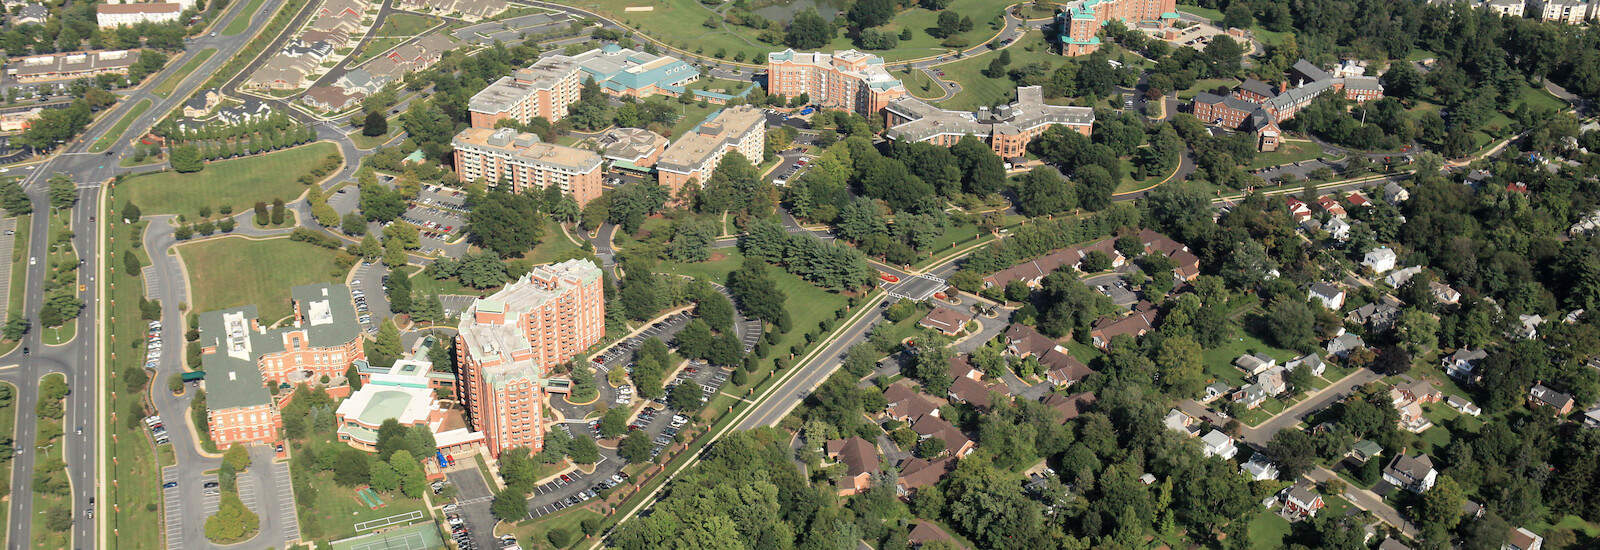 Asbury Campus